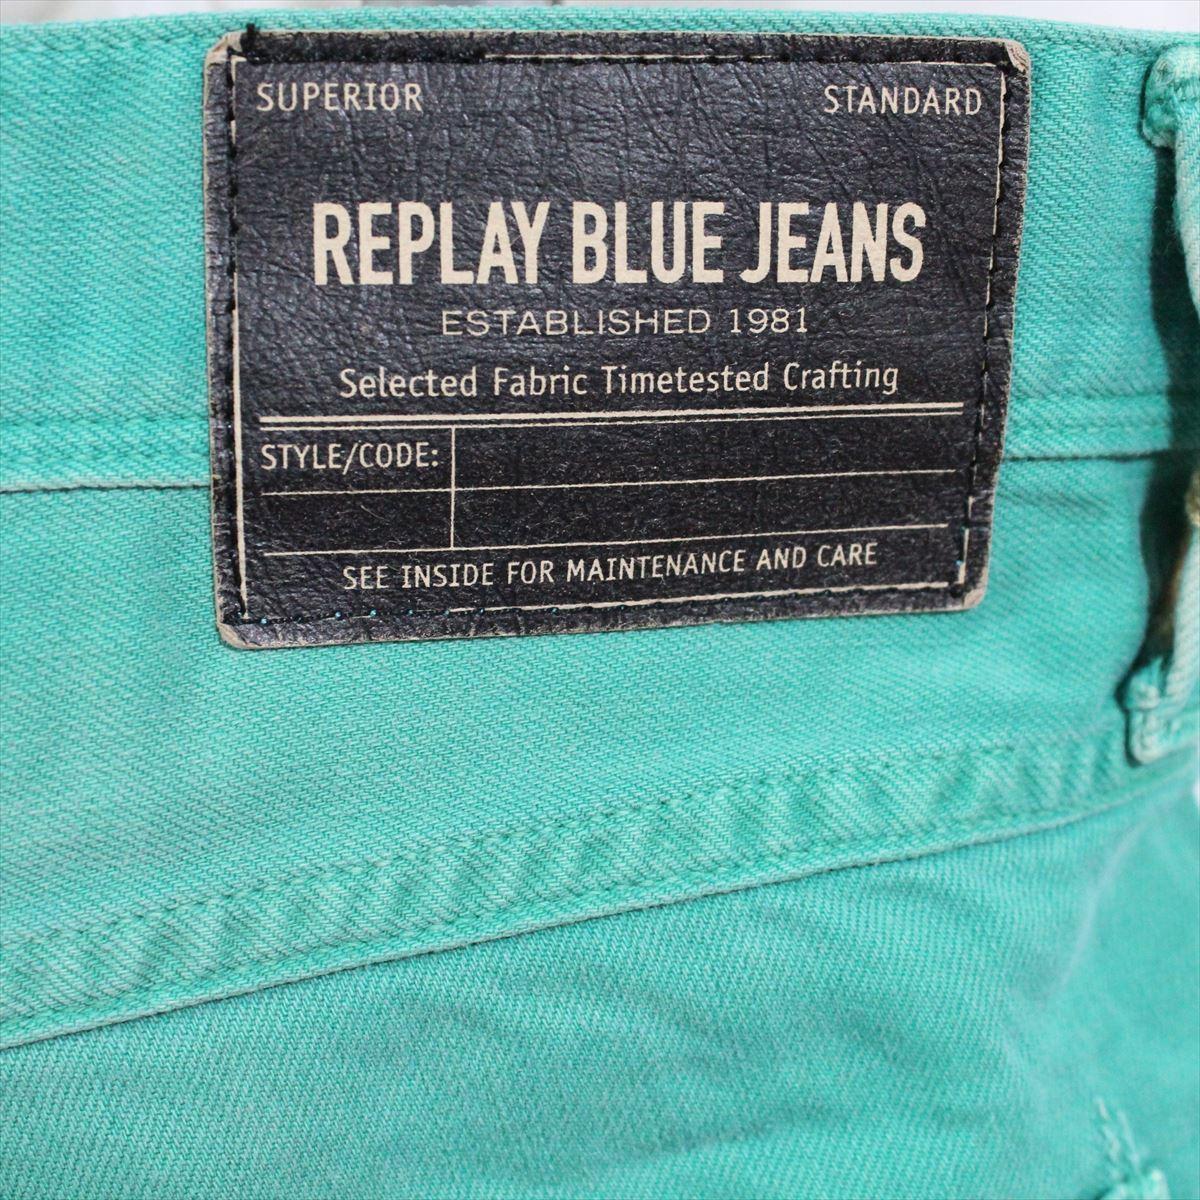 リプレイ REPLAY メンズカラーパンツ ジーンズ デニムパンツ SLIM グリーン 30インチ 新品 REPLAY BLUE JEANS anbass slim jeans_画像6